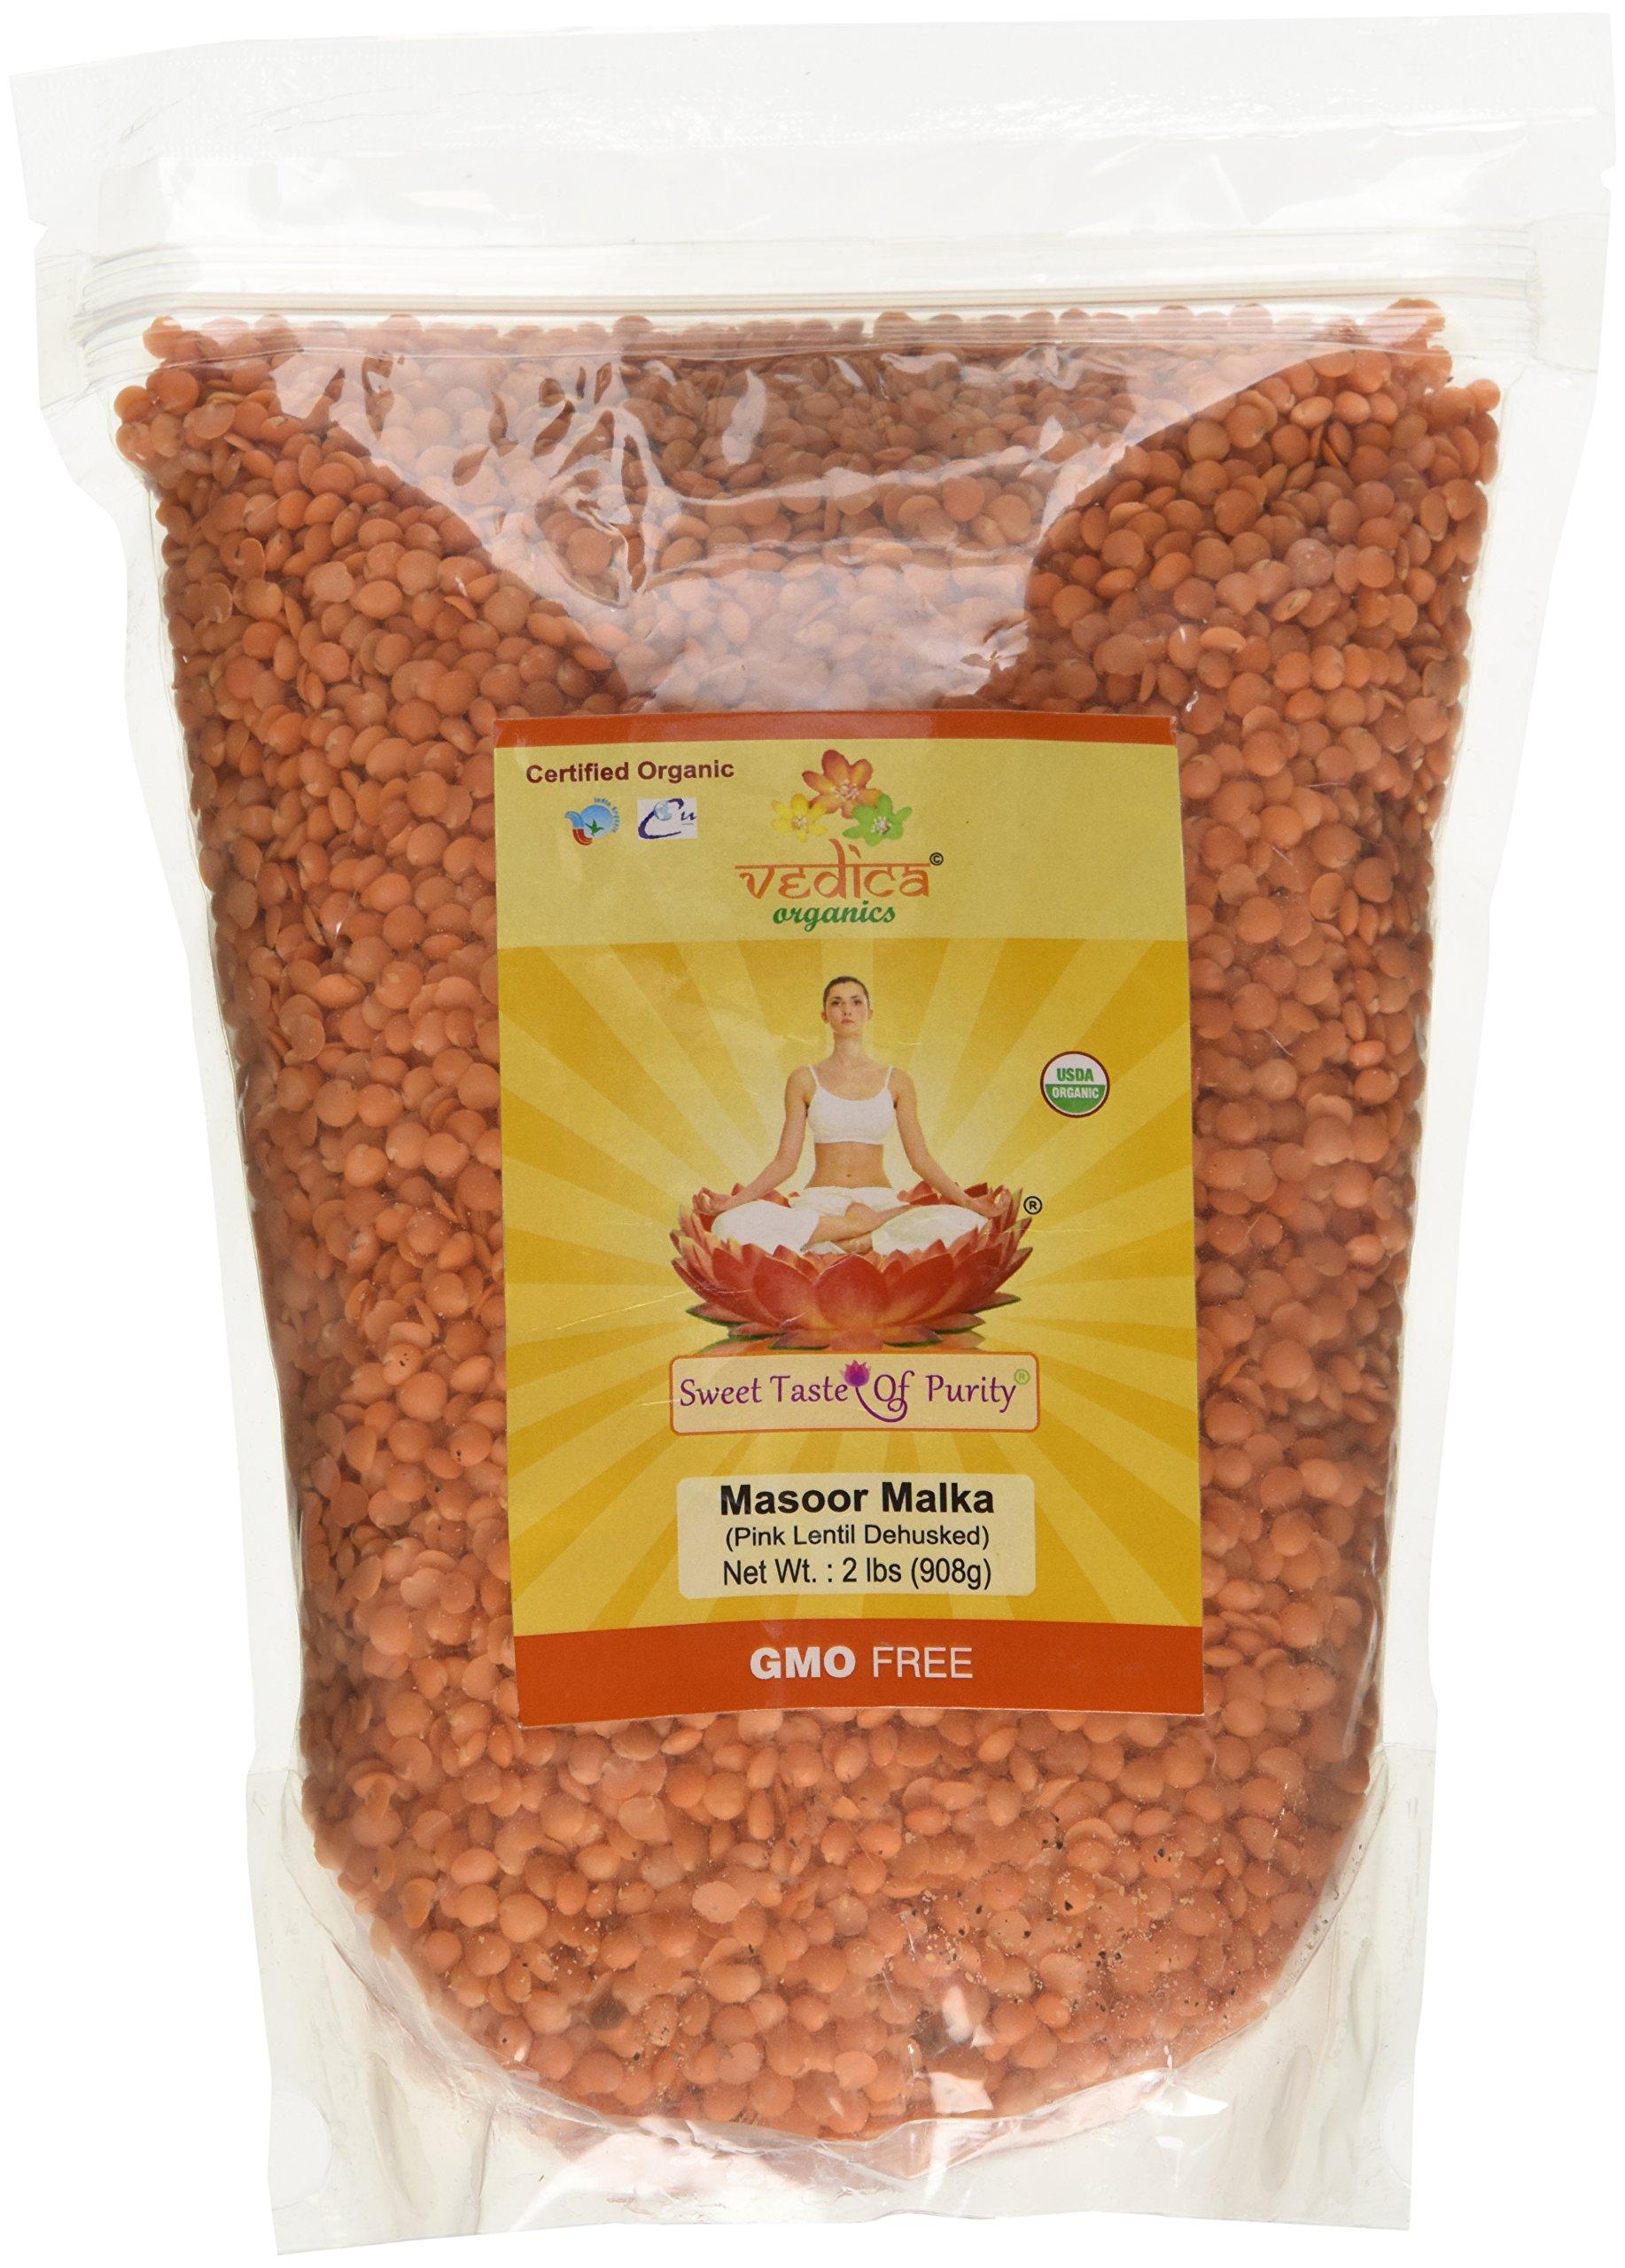 Organic Masoor Dal Mogar/Masoor Malka (Pink Lentil Dehusked) (2 Lbs)